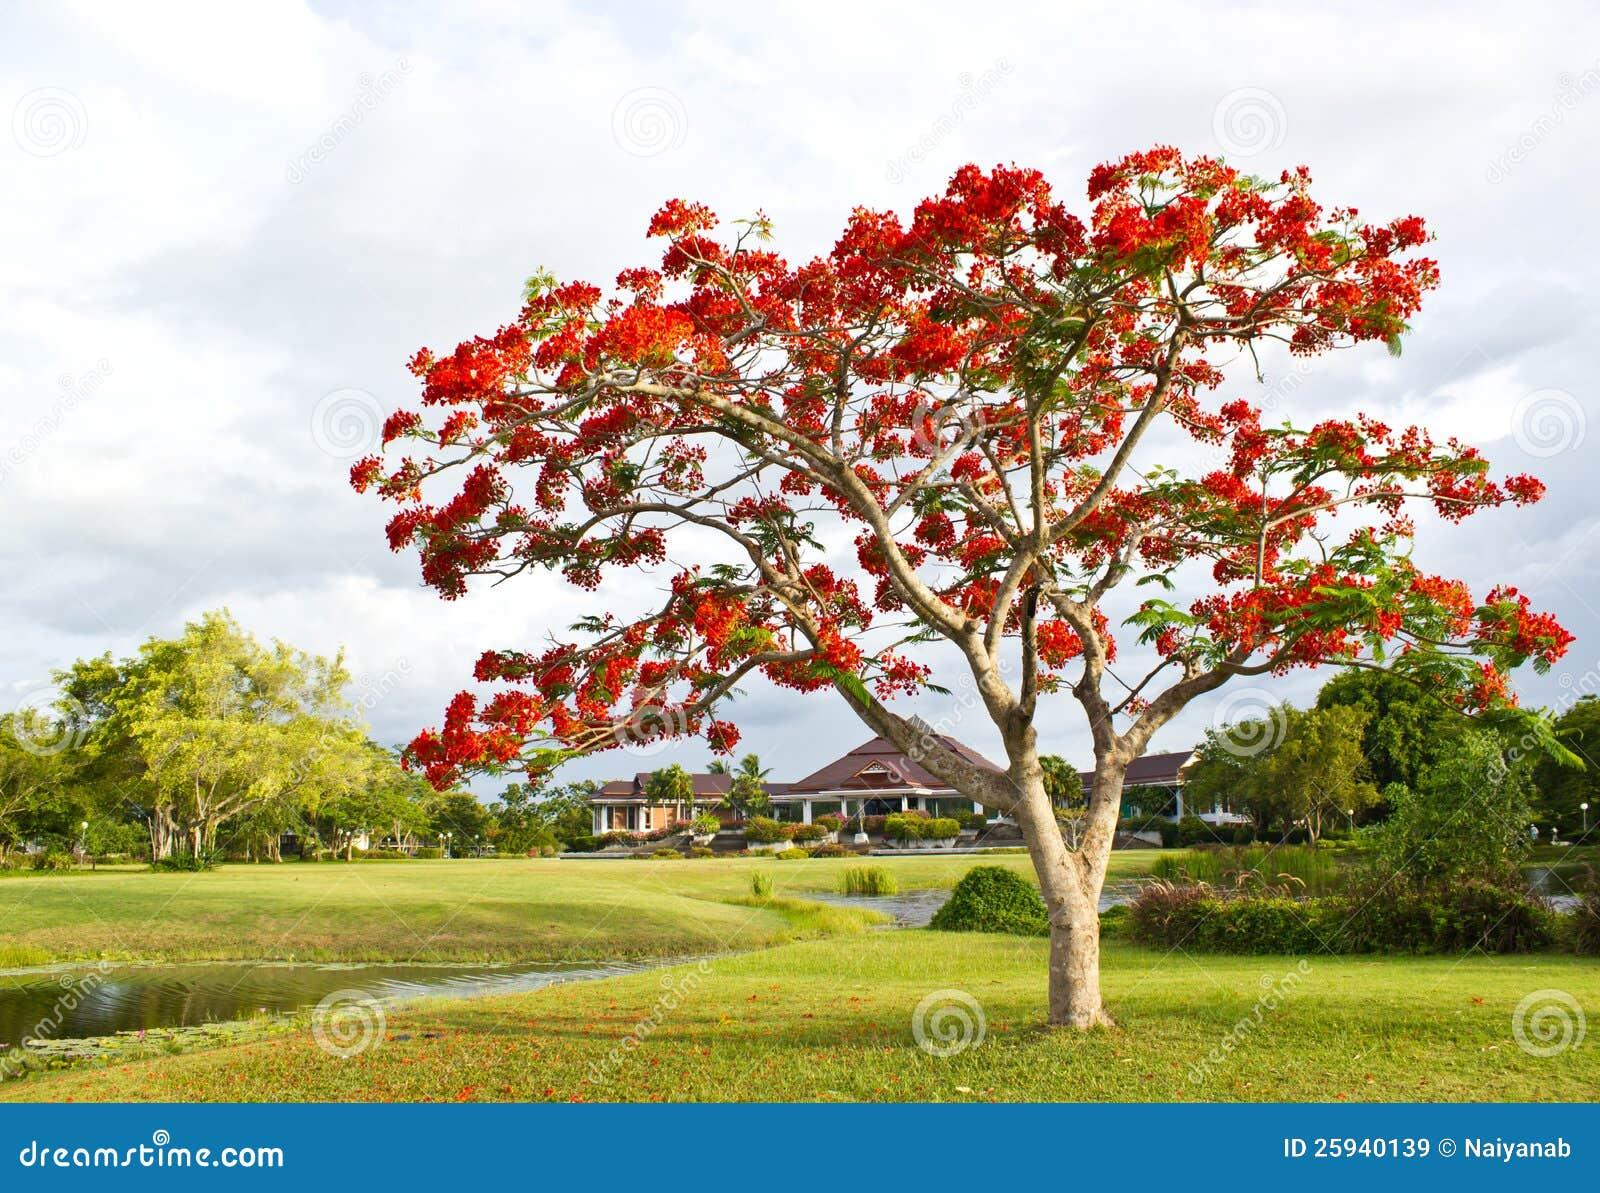 Grand arbre avec les fleurs rouges en stationnement images libres de droits image 25940139 - Arbres a fleurs rouges ...